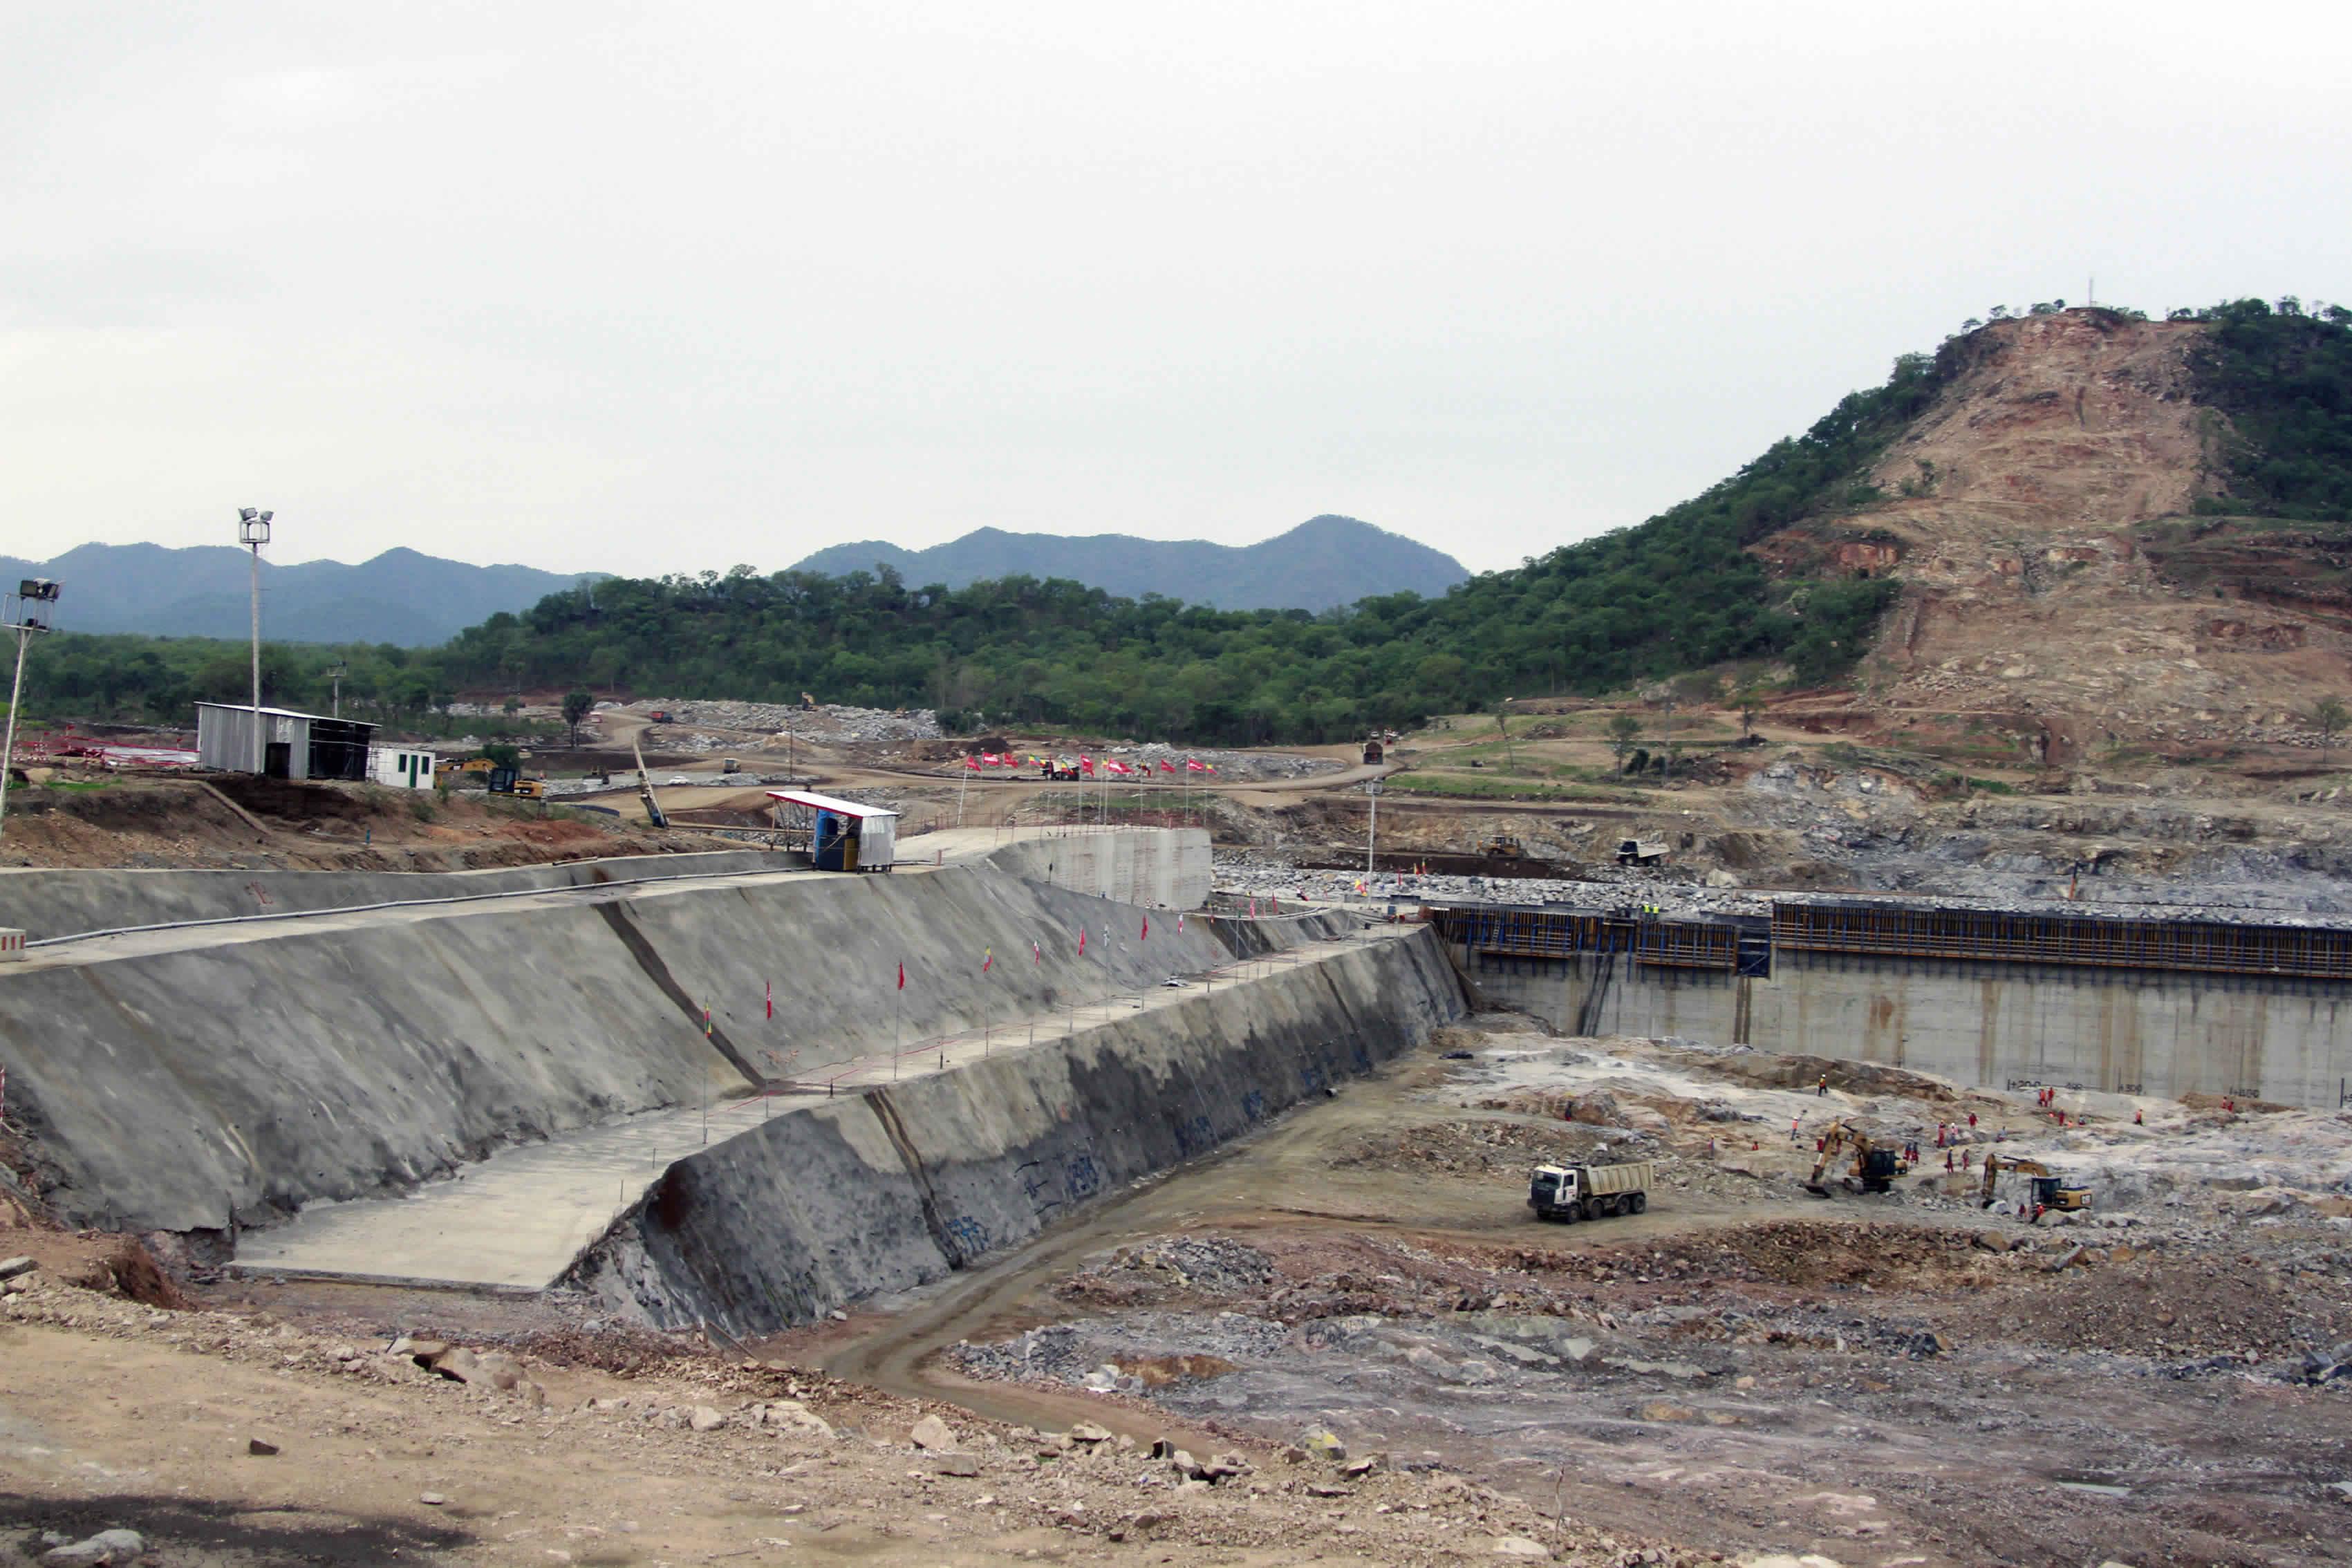 Egypt says no breakthrough with Ethiopia over Nile dam